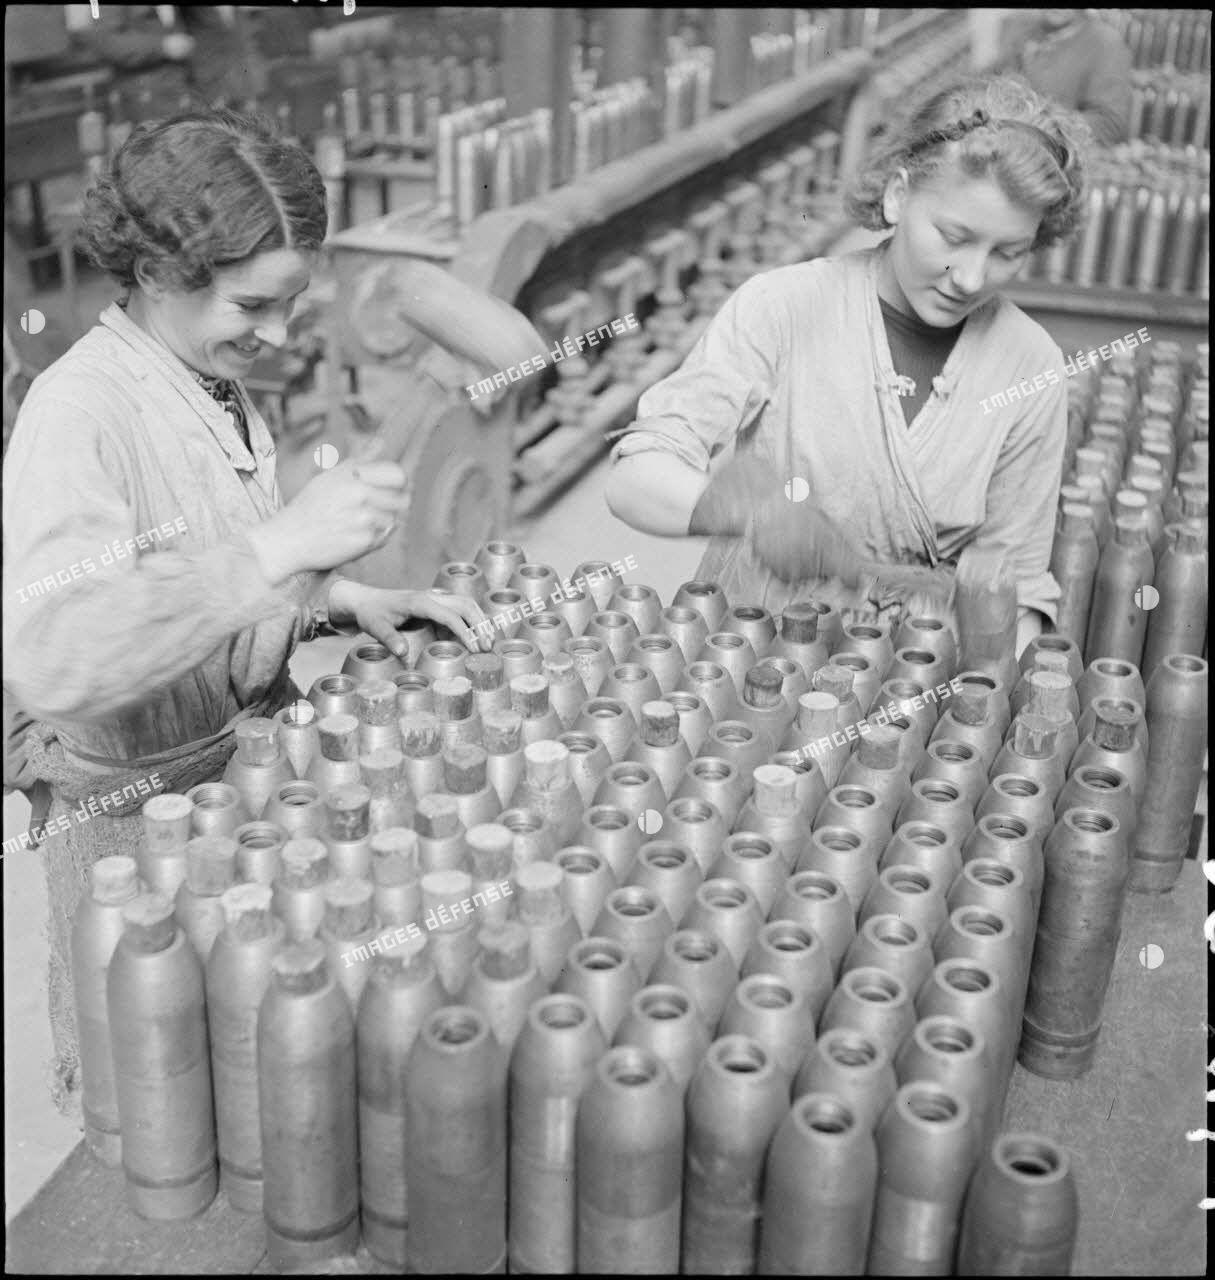 Dans une cartoucherie ou un atelier de fabrication, des ouvrières ferment des enveloppes d'obus de 75 mm avec des bouchons de bois.